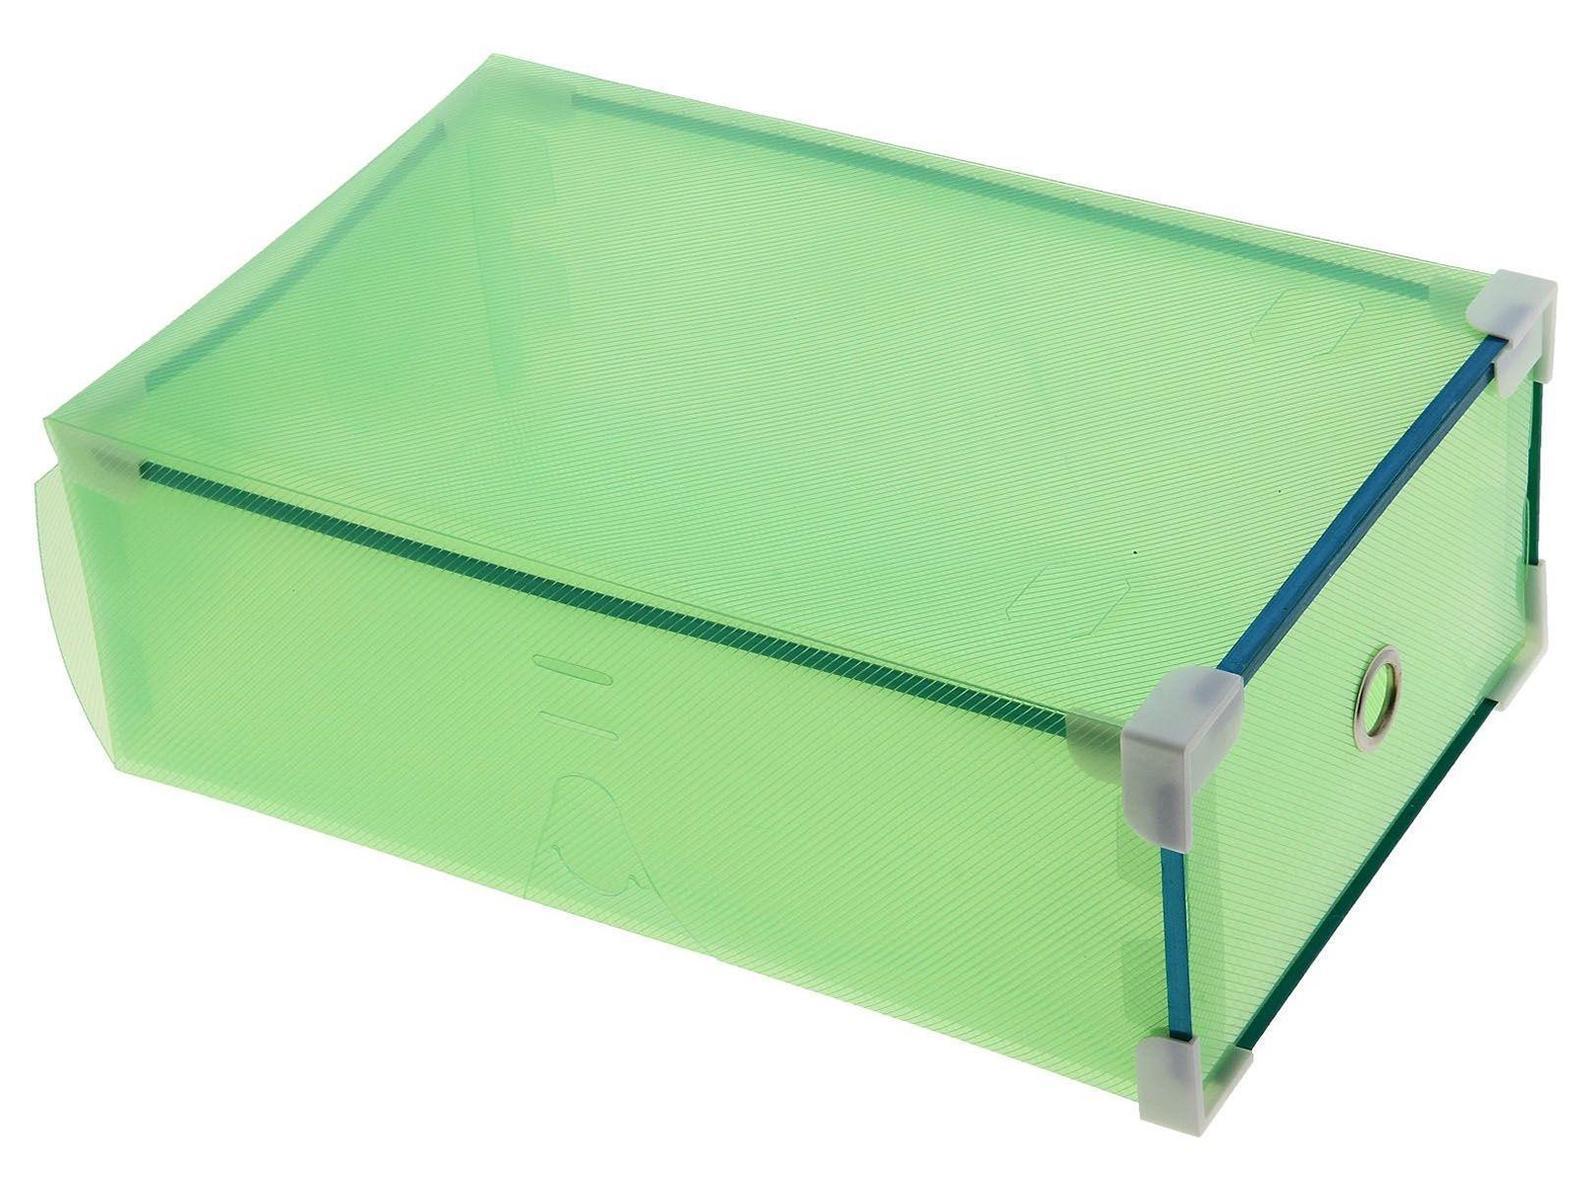 короб для хранения выдвижной 31*19,5*10,5см зеленый 7099666907099660006Коробка для мелочей изготовлена из прочного пластика. Предназначена для хранения мелких бытовых мелочей, принадлежностей для шитья и т.д. Коробка оснащена плотно закрывающейся крышкой, которая предотвратит просыпание и потерю мелких вещиц. Коробка для мелочей сохранит ваши вещи в порядке. Материал: Пластик, металл